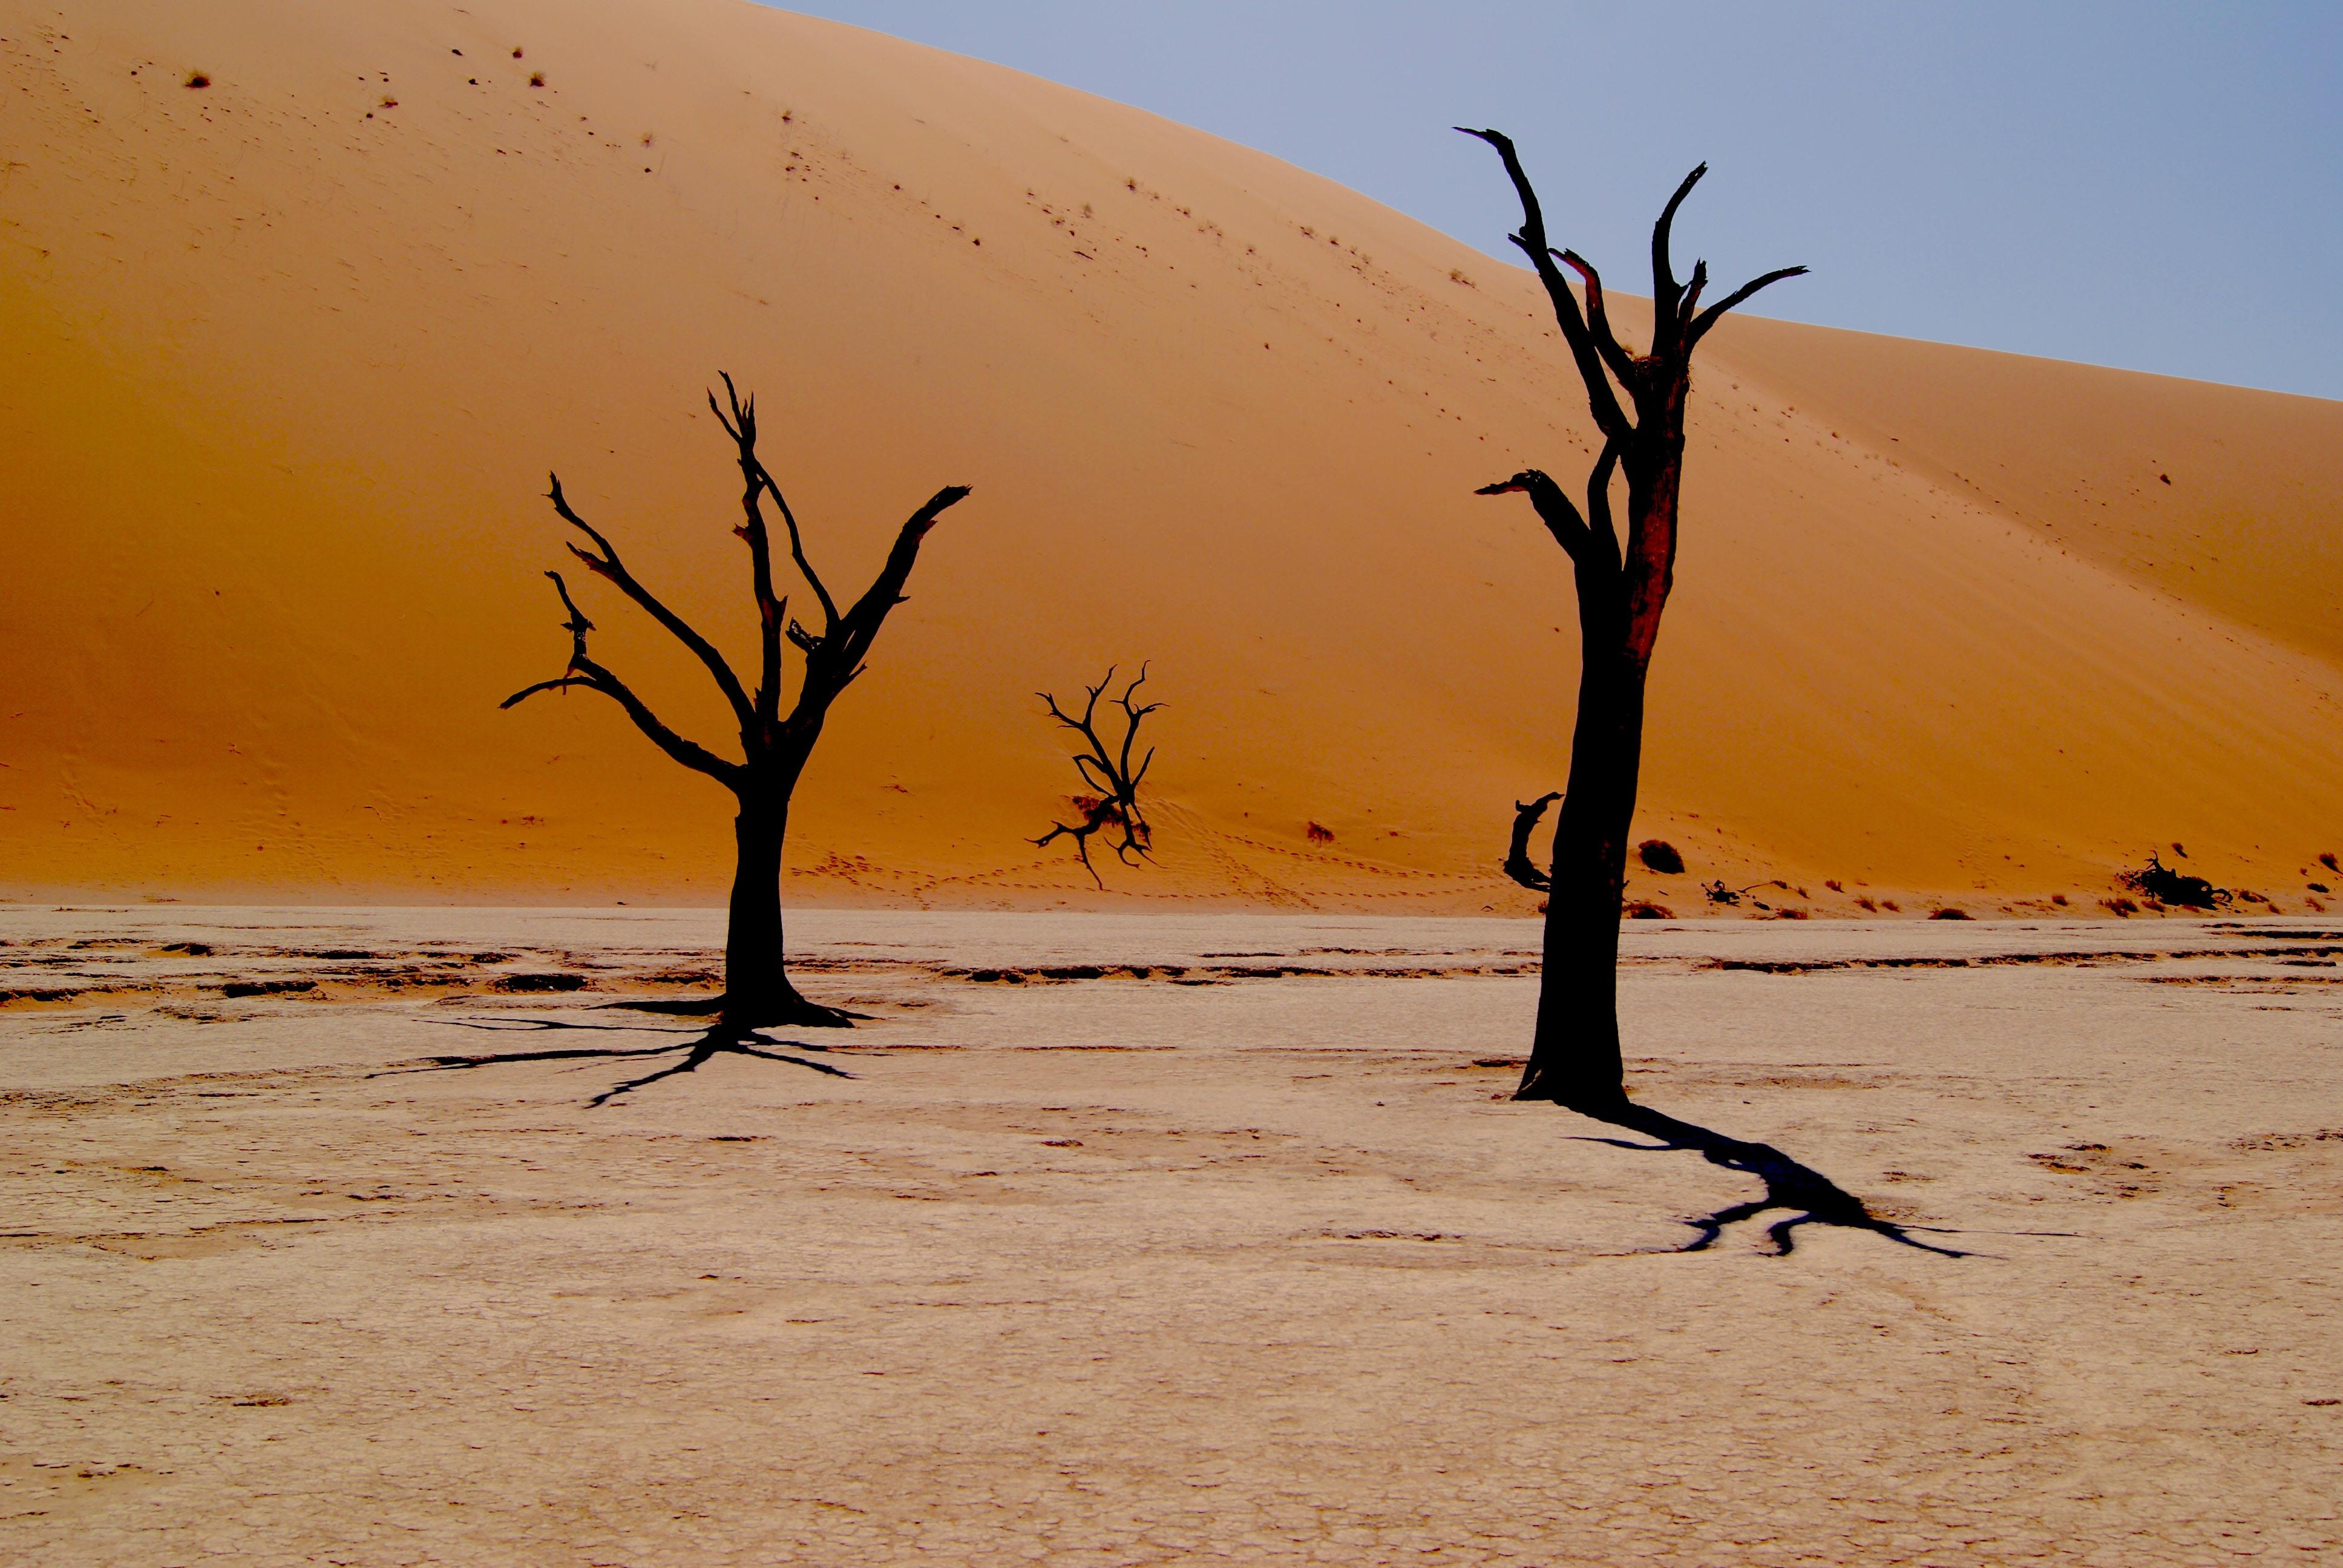 Szinte biztos, hogy az eddigi legmelegebb évtizeden vagyunk túl